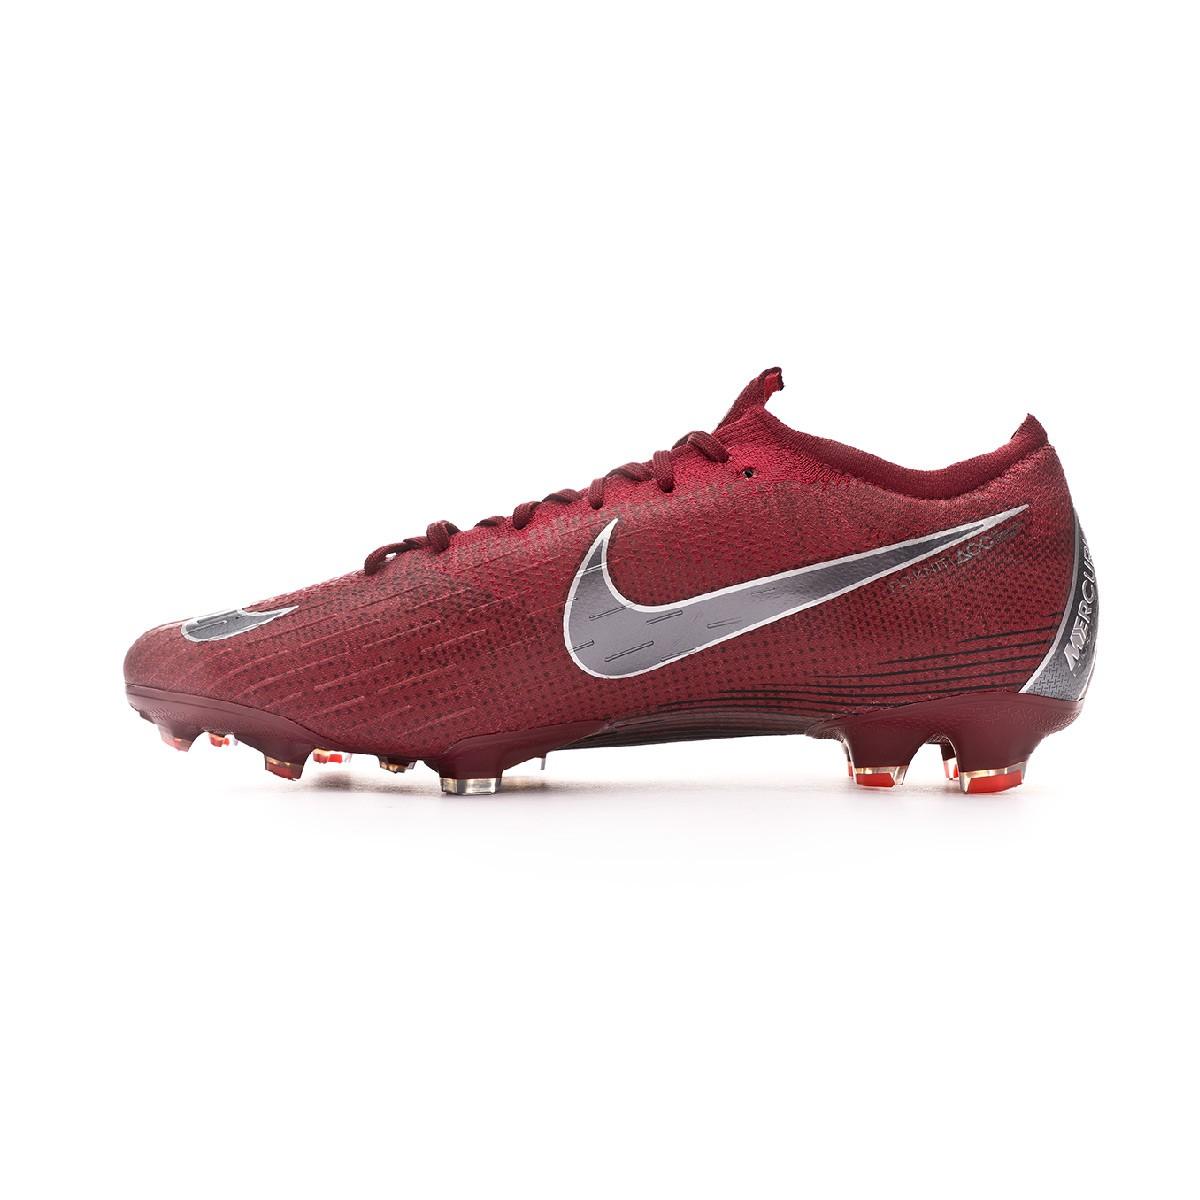 1df8662d292 Zapatos de fútbol Nike Mercurial Vapor XII Elite FG Team red-Metallic dark  grey-Bright crimson - Tienda de fútbol Fútbol Emotion